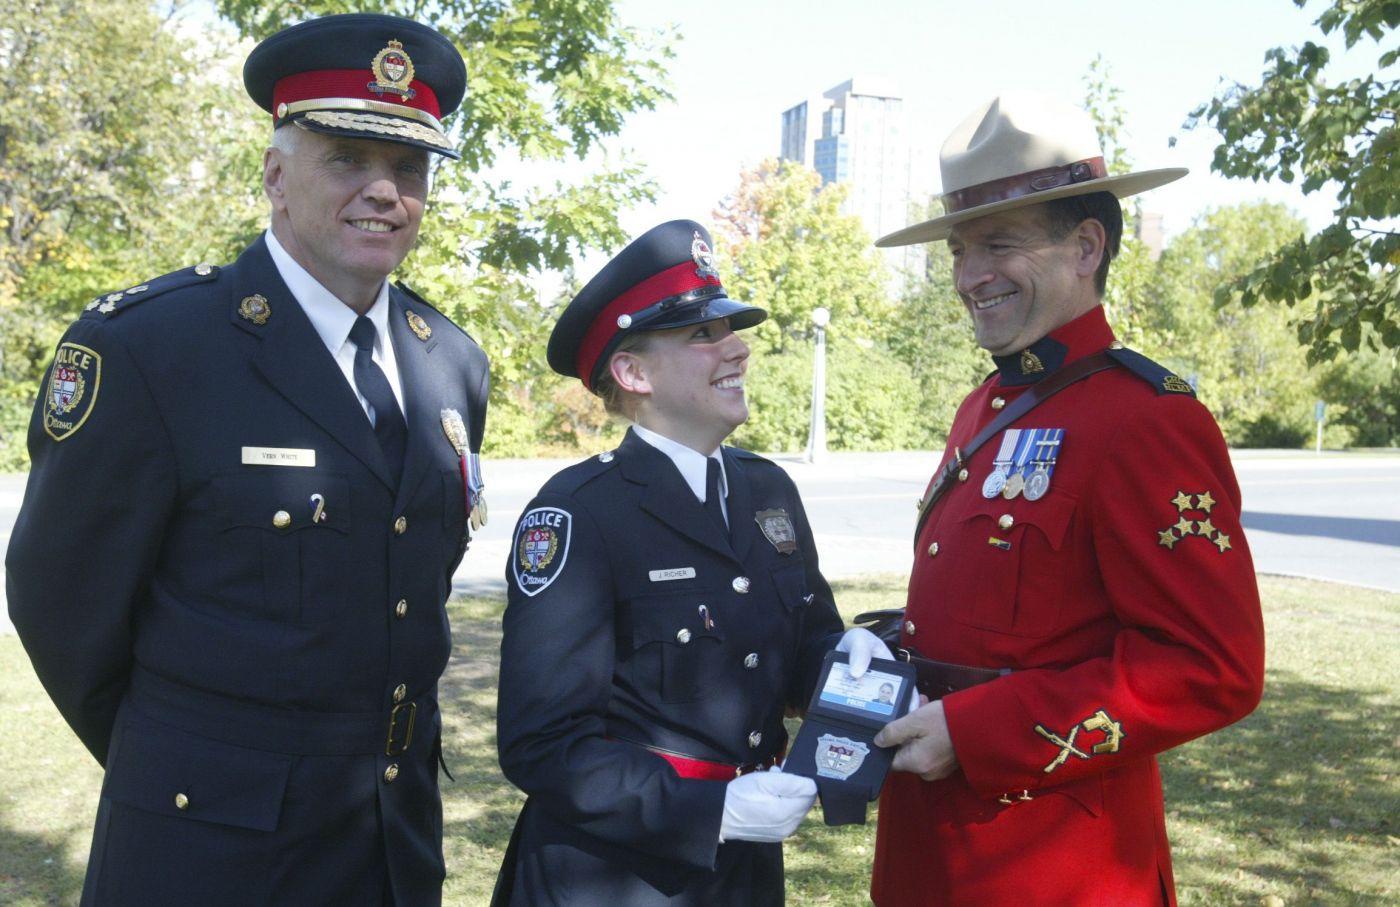 Photographie en couleur de deux hommes d'âge mûr et d'une jeune femme dans un parc. Un des hommes et la femme portent l'uniforme bleu foncé de la police d'Ottawa. L'autre homme porte l'uniforme rouge de la Gendarmerie royale du Canada. L'homme en rouge présente un insigne de police à la femme. Ils se regardent.  Les trois personnes affichent un grand sourire.